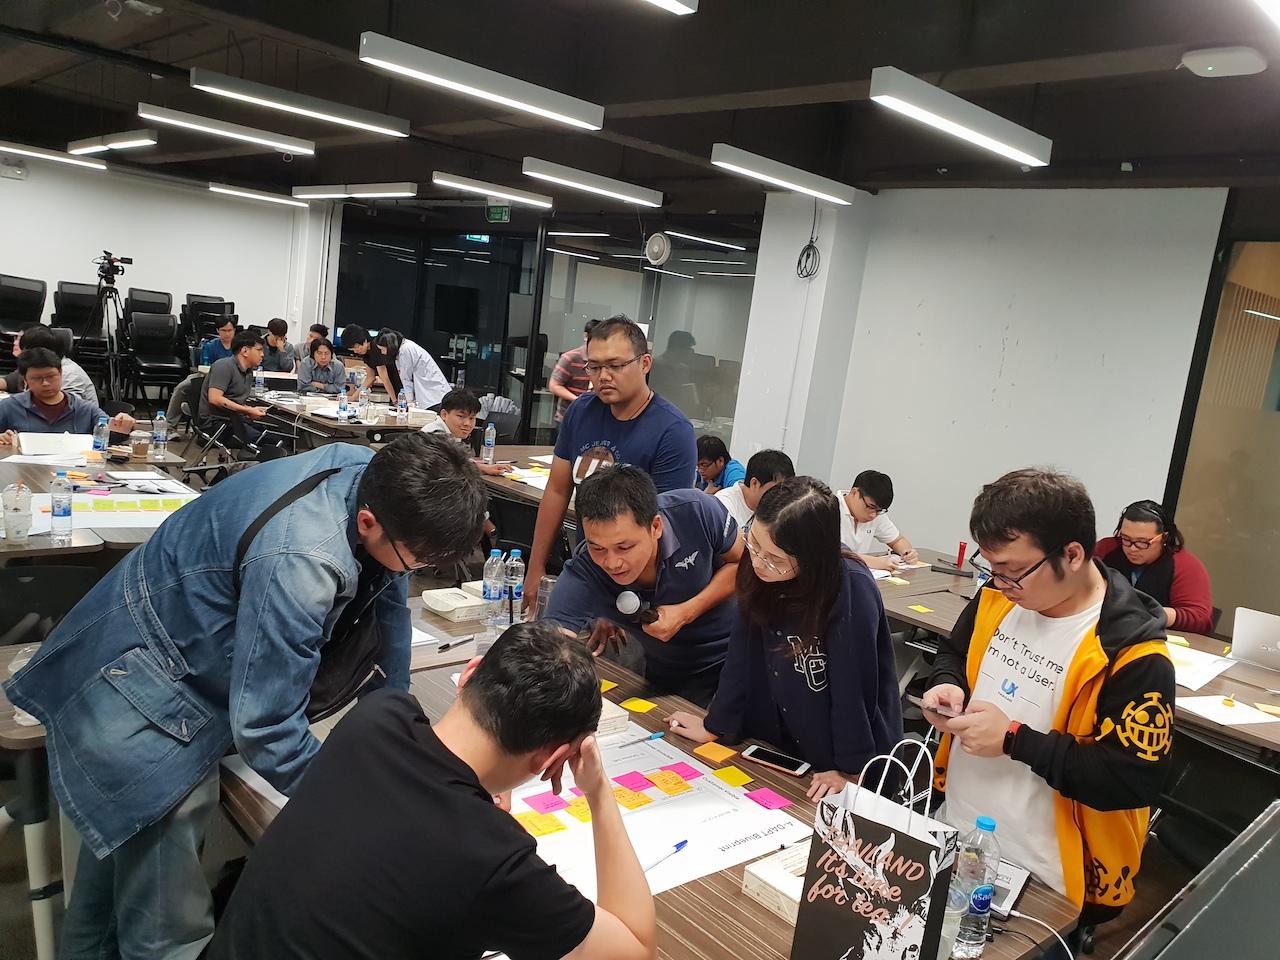 Skooldio Workshop: Microservices